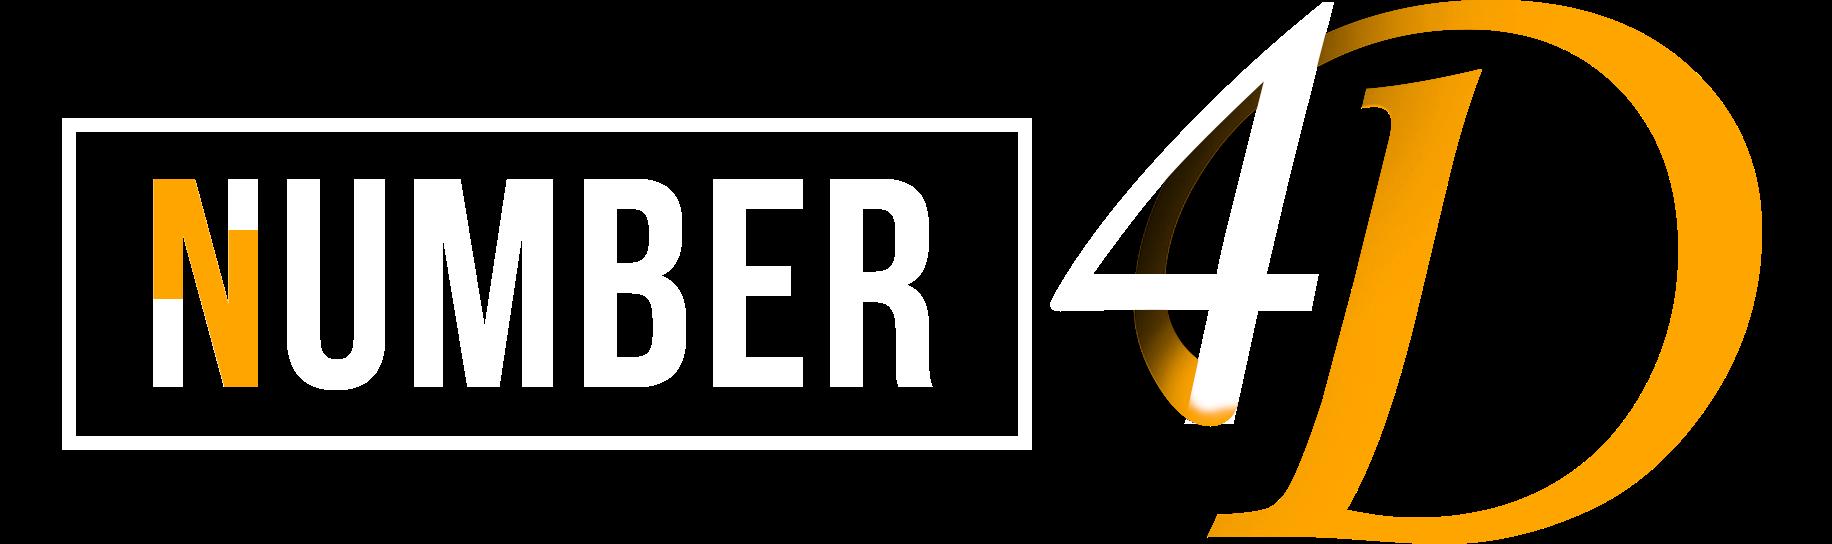 NUMBER4D